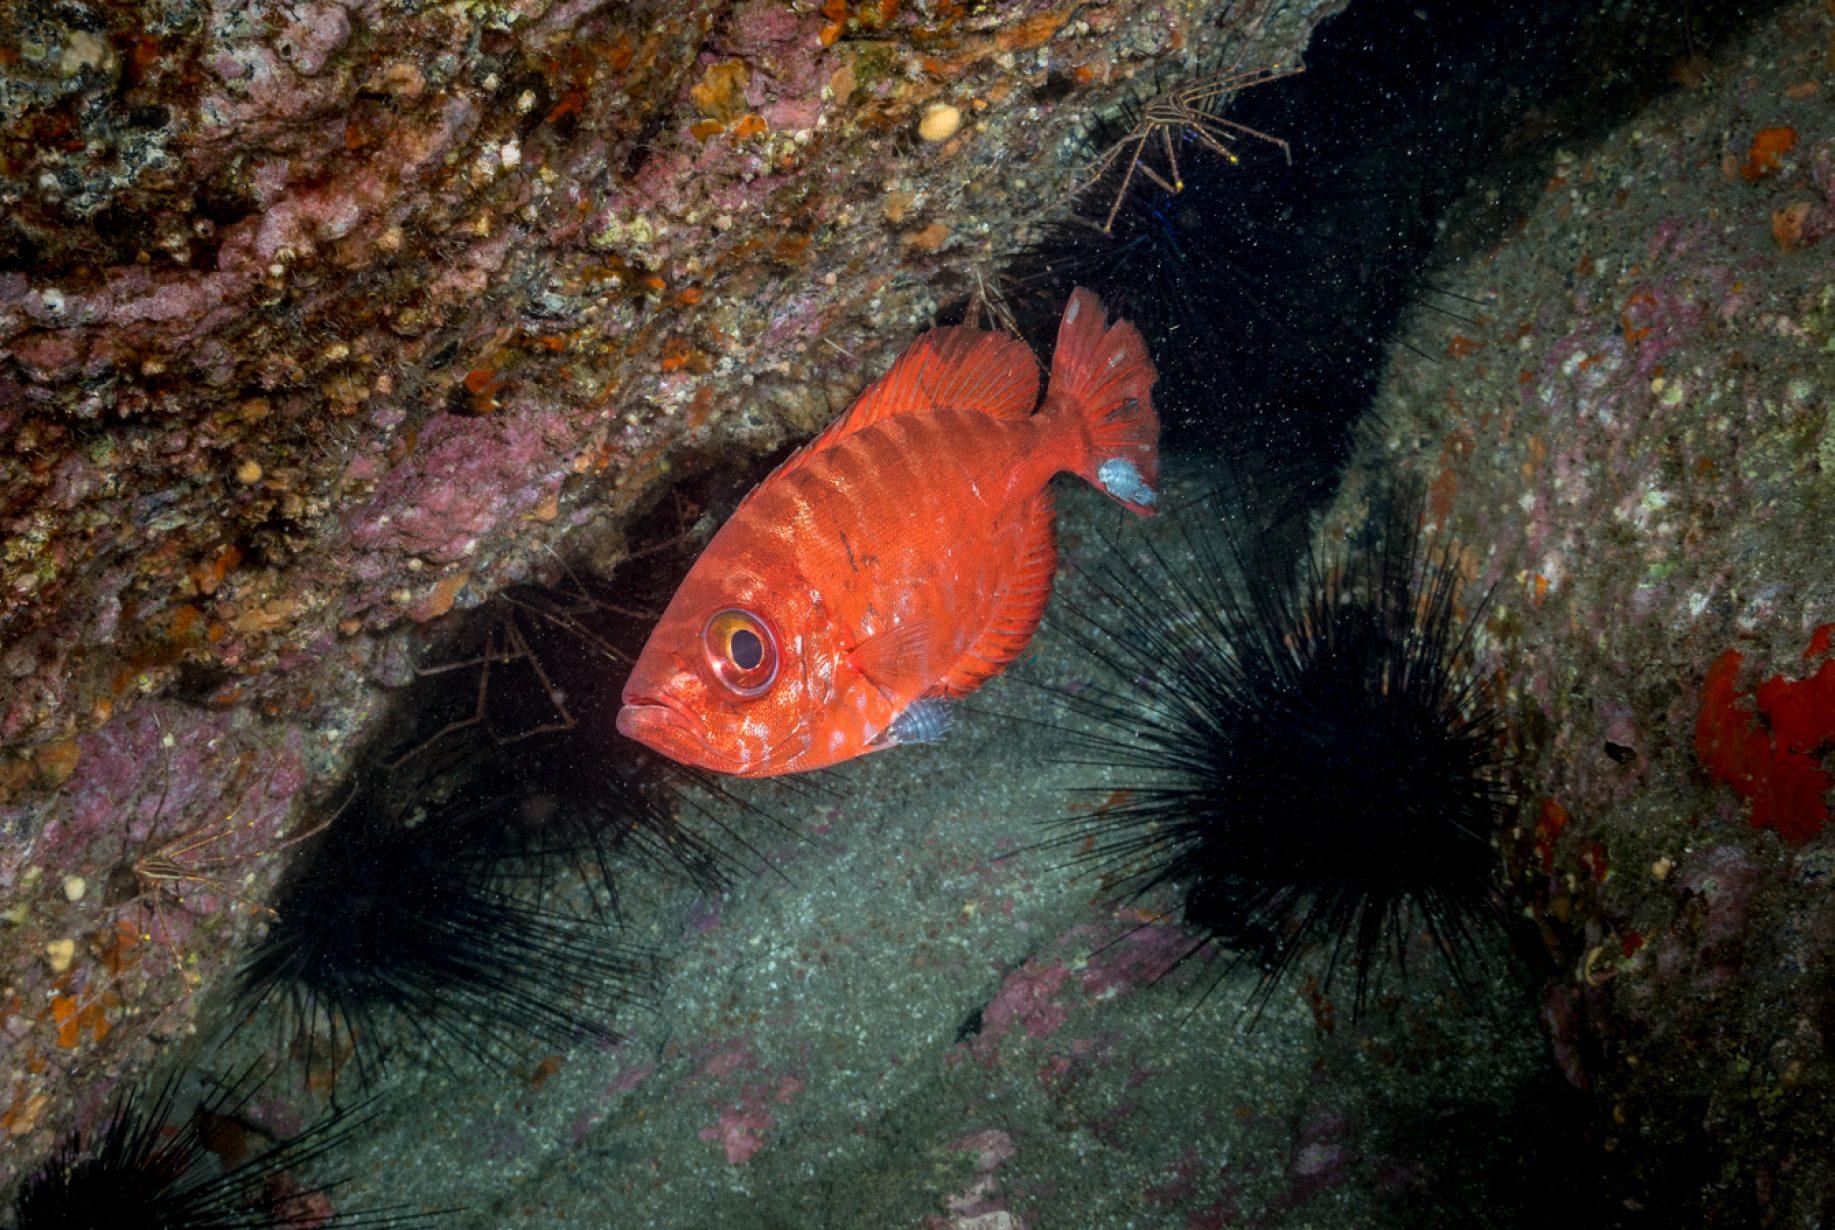 Las catalufas es una familia de peces marinos incluida en el orden Perciformes, distribuidos por zonas tropicales y subtropicales de los océanos Atlántico, Pacífico e Índico.